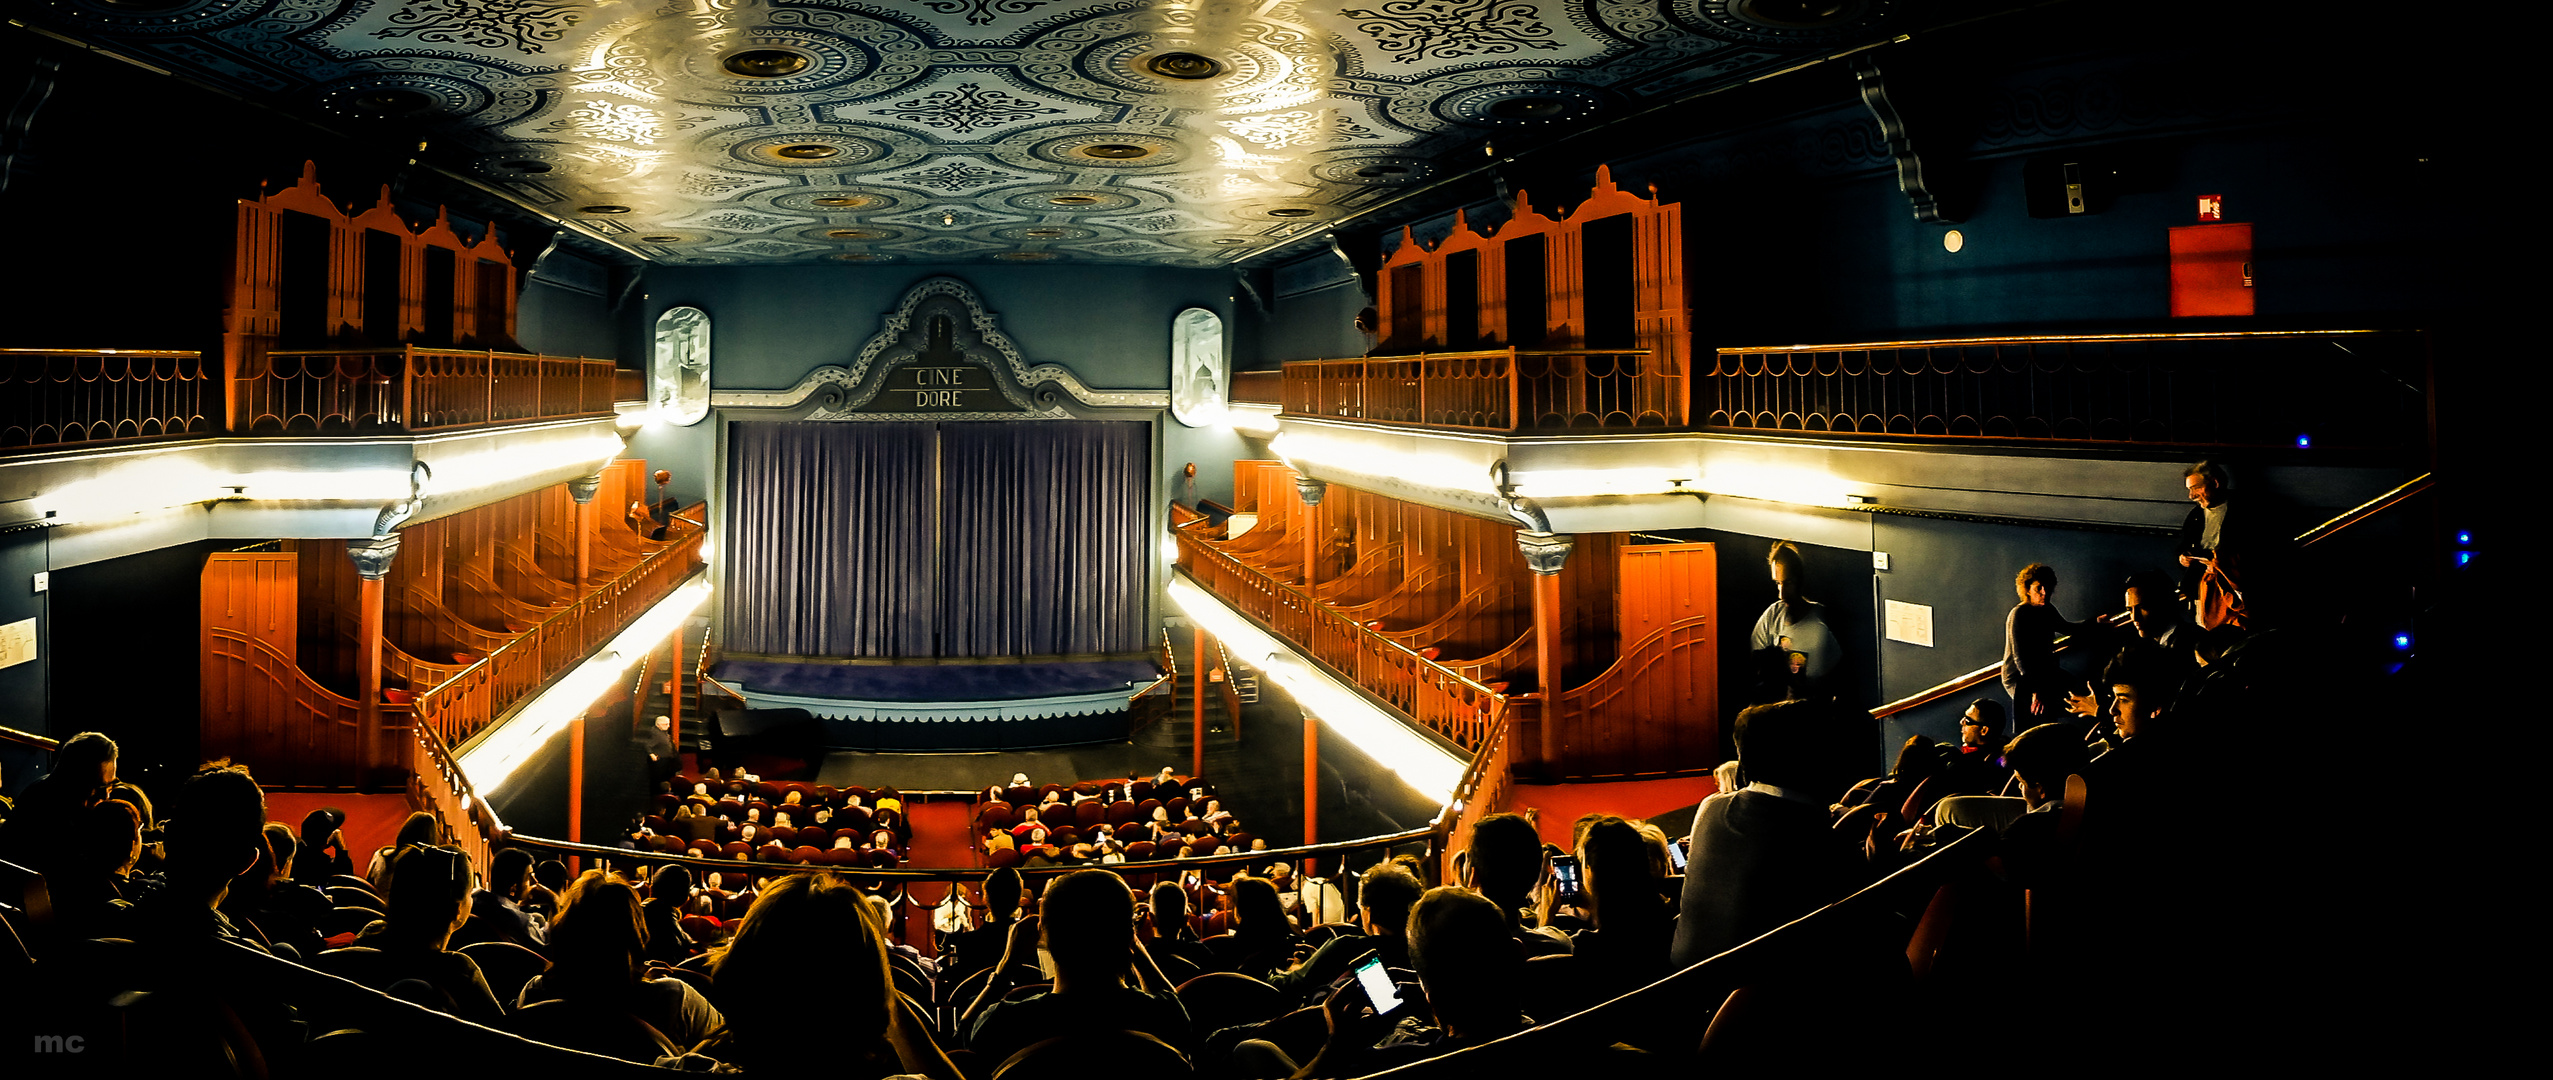 Cine Doré Imagen & Foto | arte y cultura, madrid, spain Fotos de ...